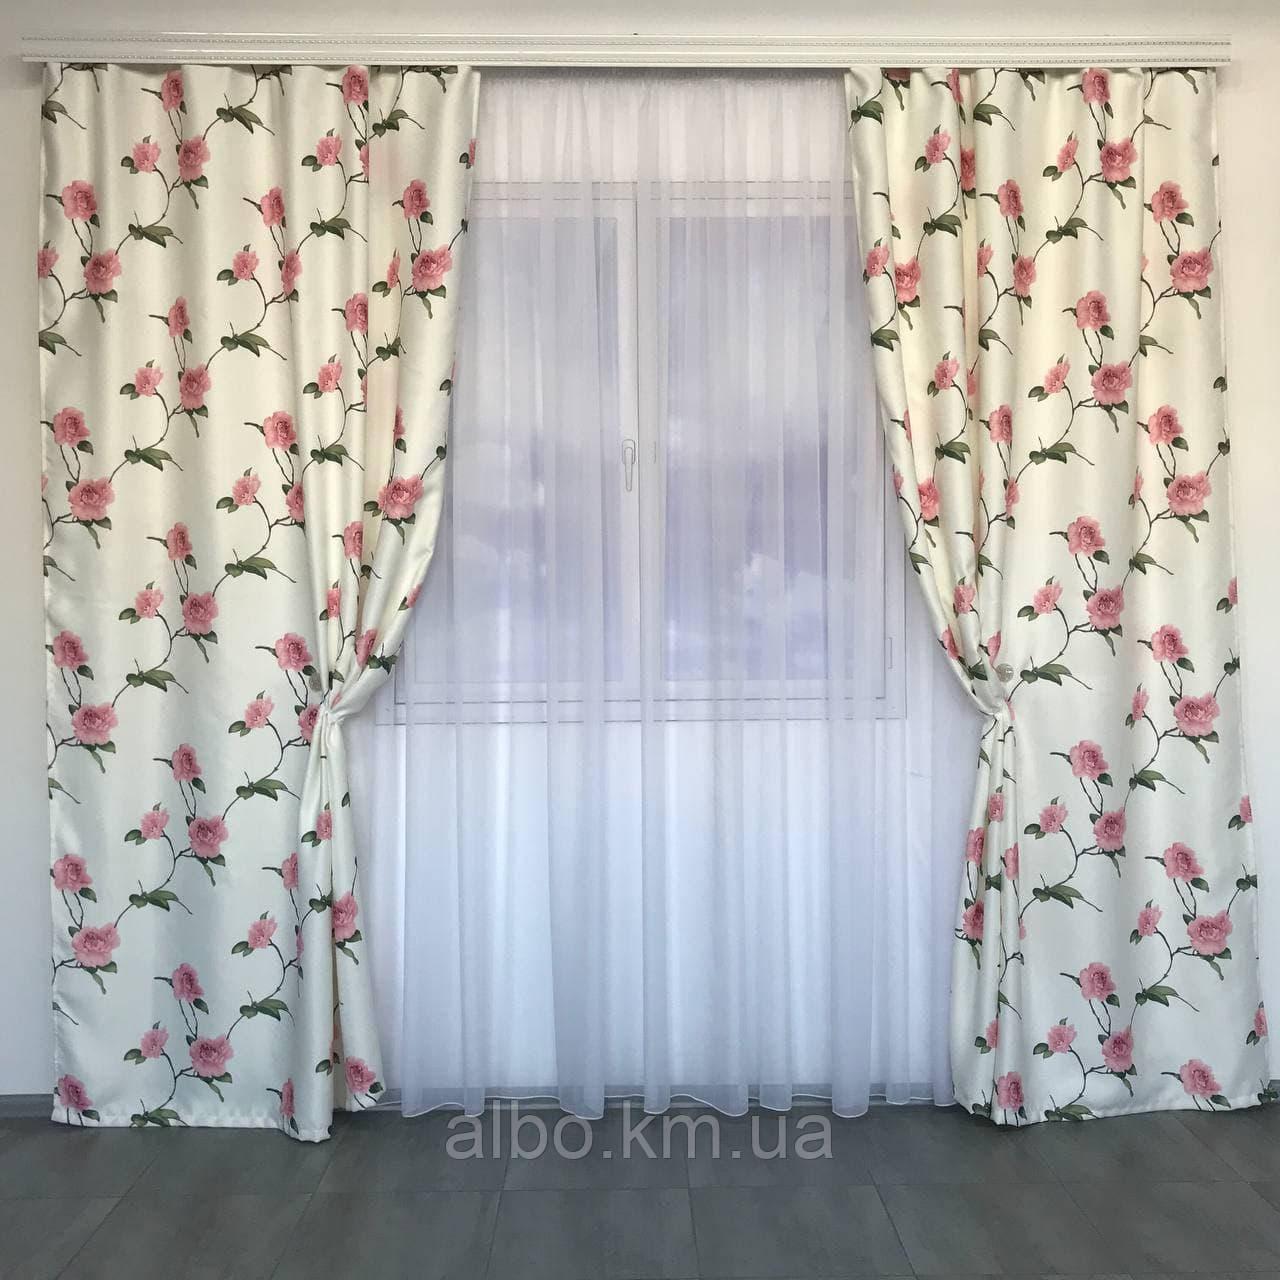 Готовые шторы с цветочным принтом для спальни зала комнаты, атласные шторы для спальни детской хола, шторы для